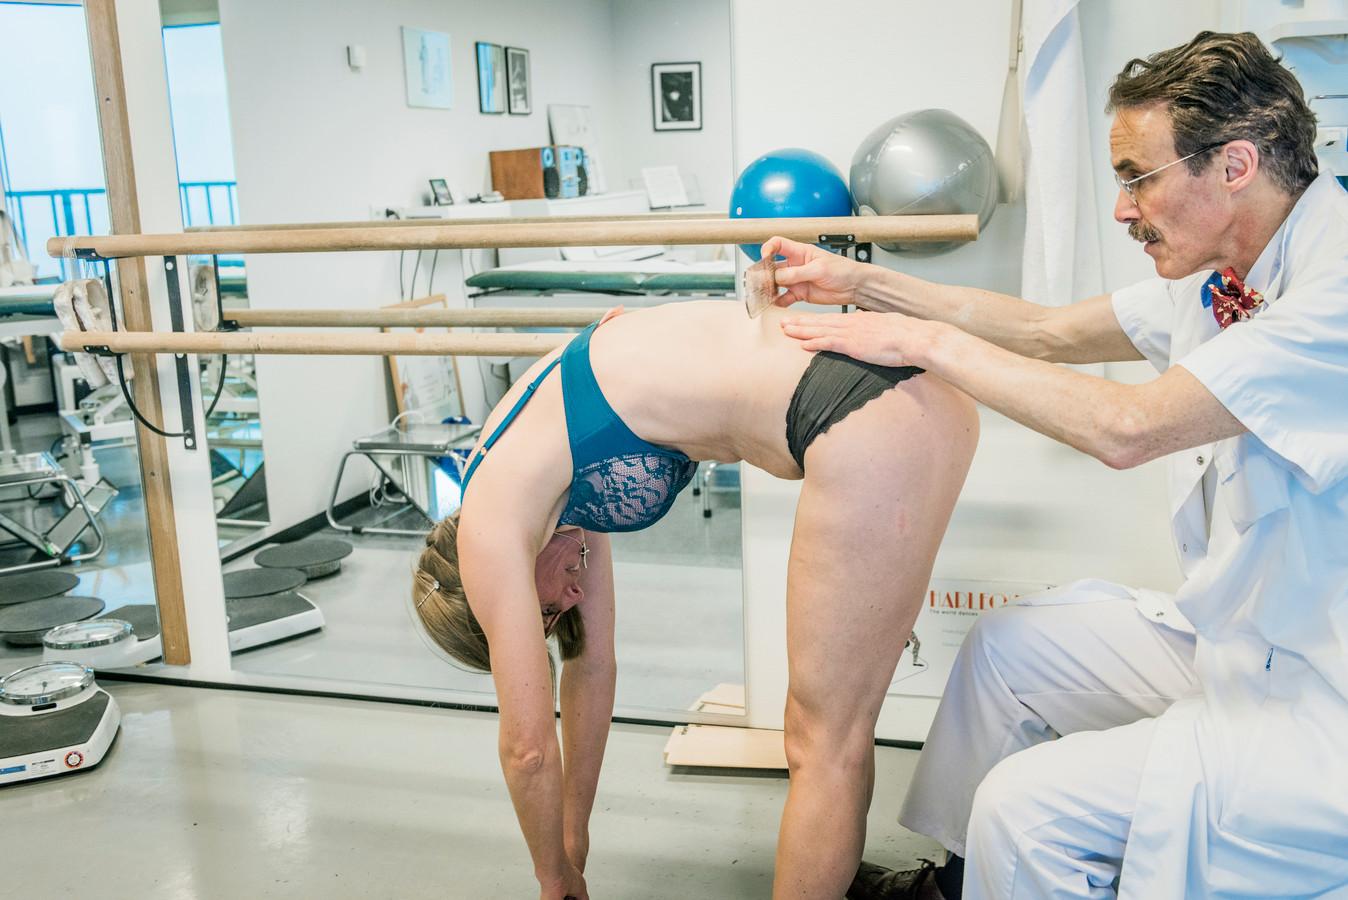 Via een buktest kan worden gecontroleerd of de rug scheef staat of niet. Hierdoor kan scoliose in een vroeg stadium worden ontdekt en is een ingrijpende operatie om de wervelkolom recht te zetten, niet nodig.